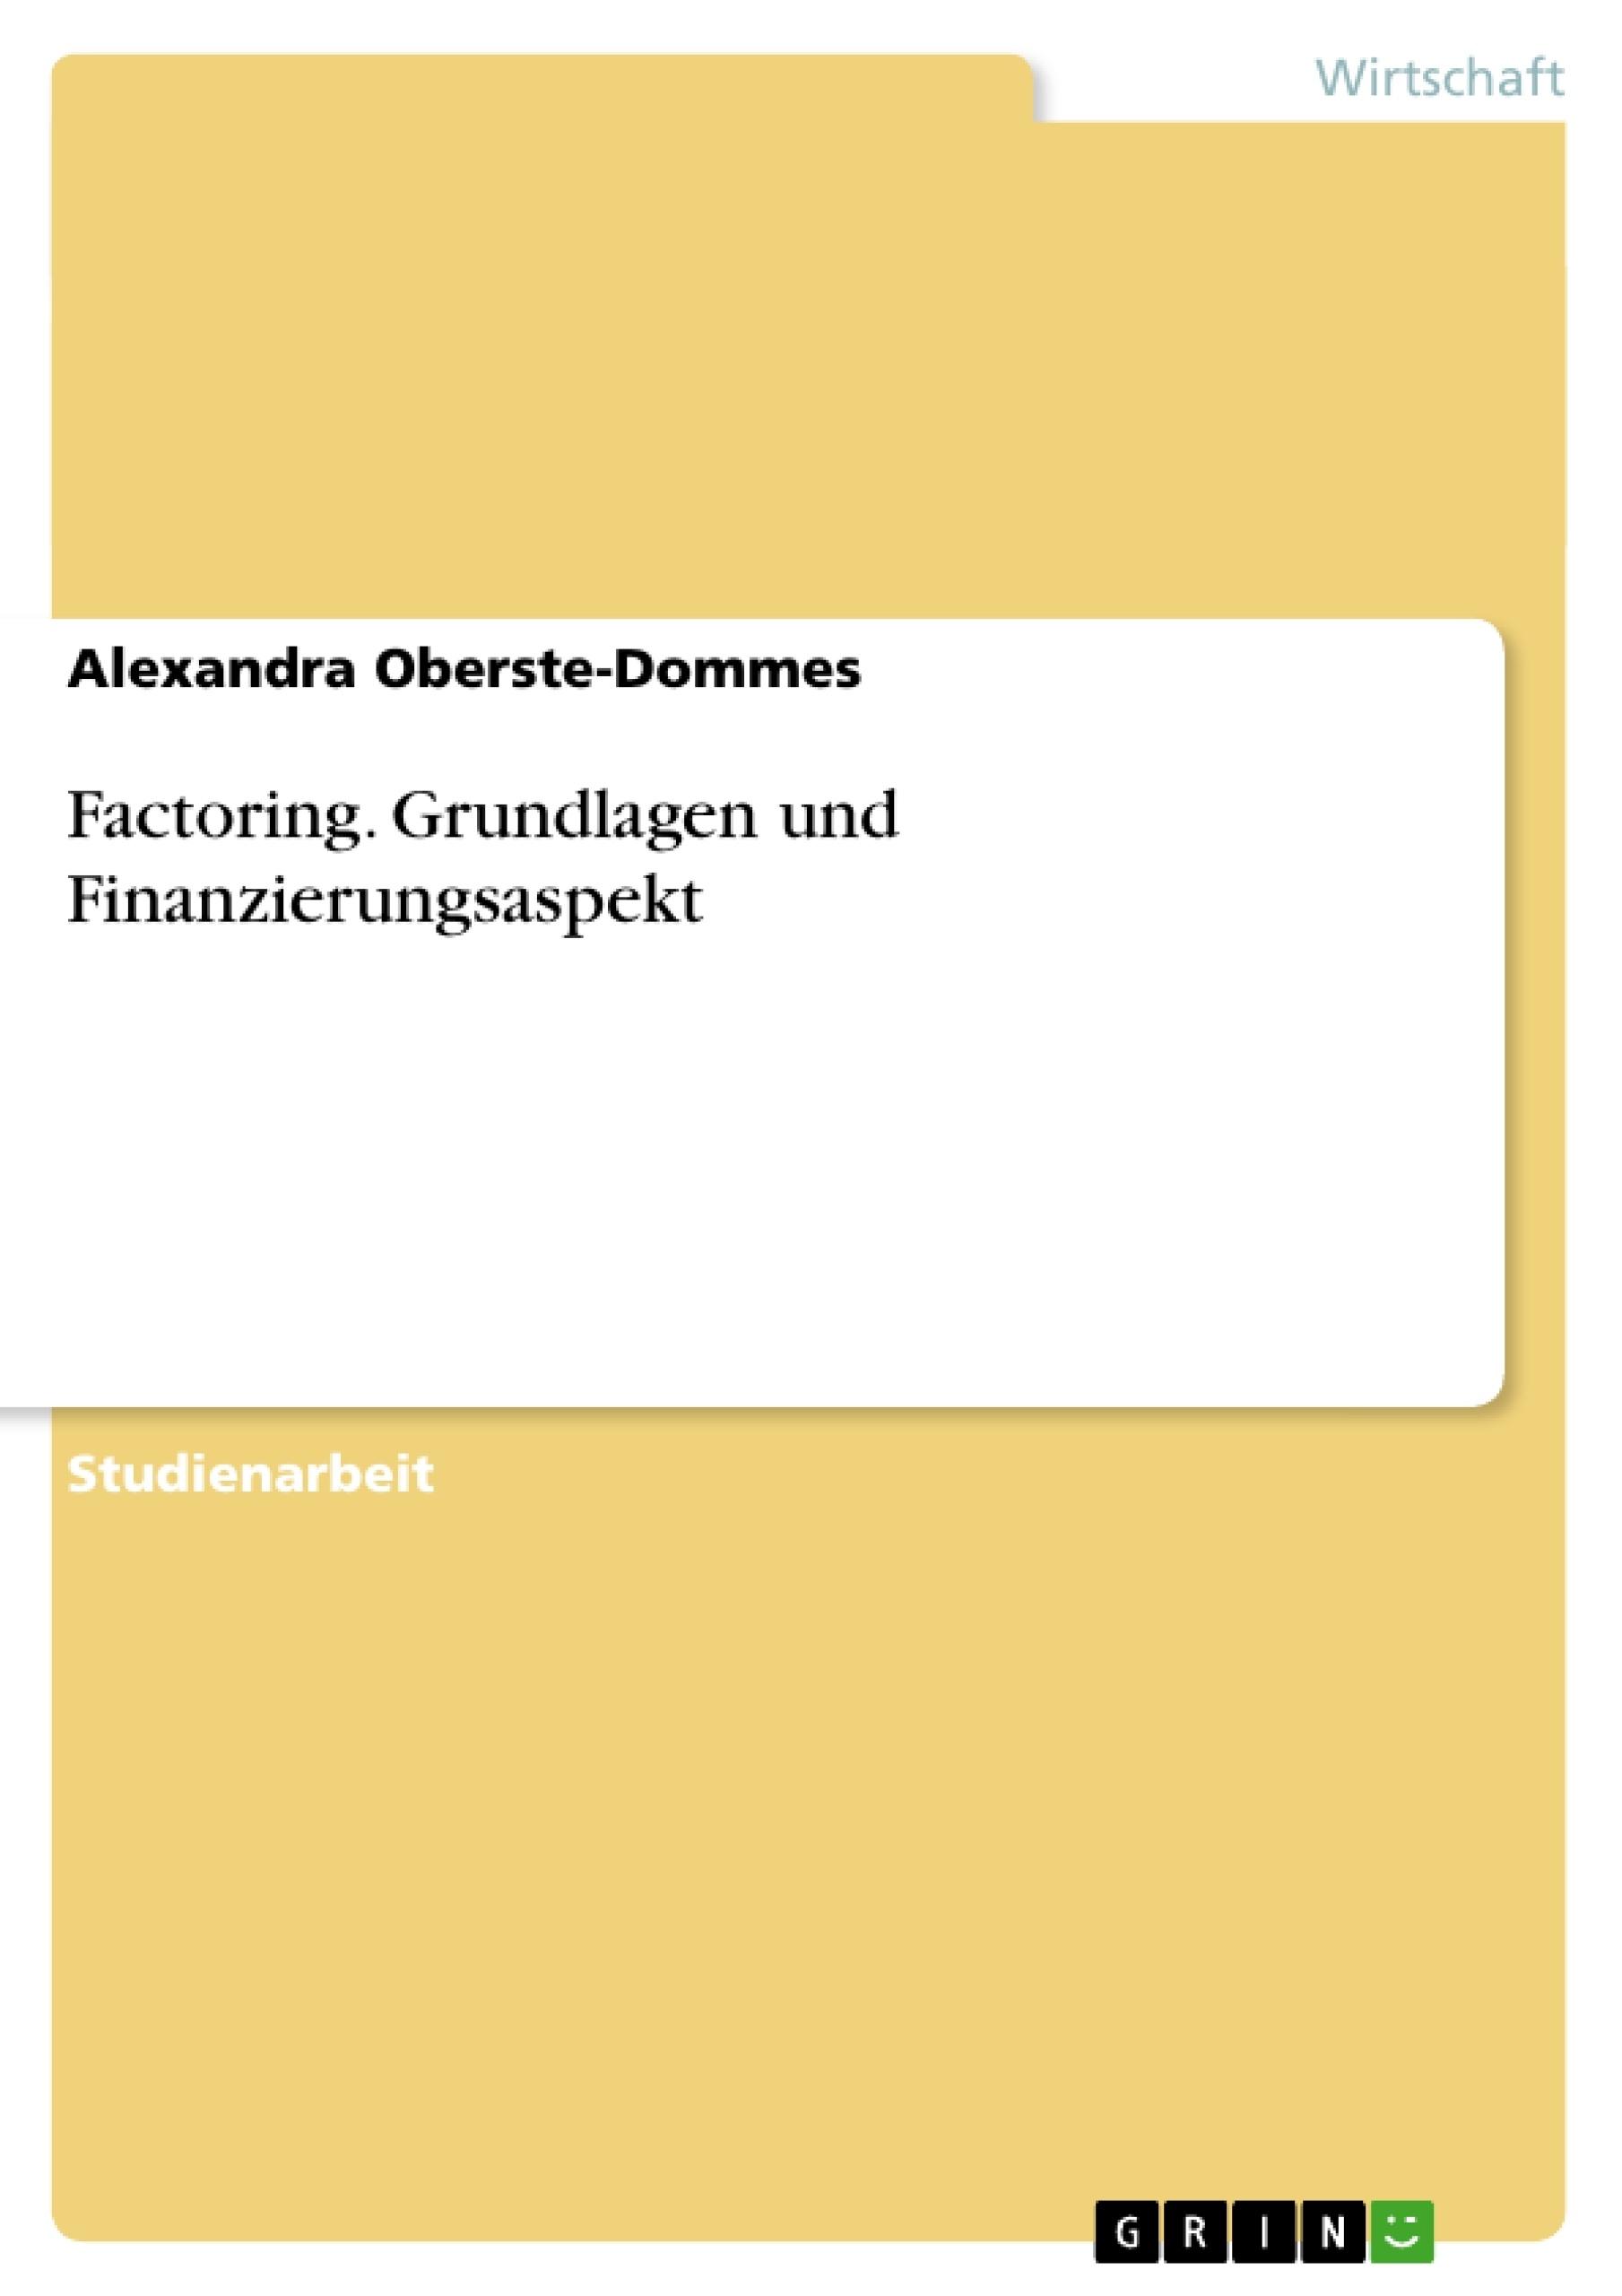 Titel: Factoring. Grundlagen und Finanzierungsaspekt